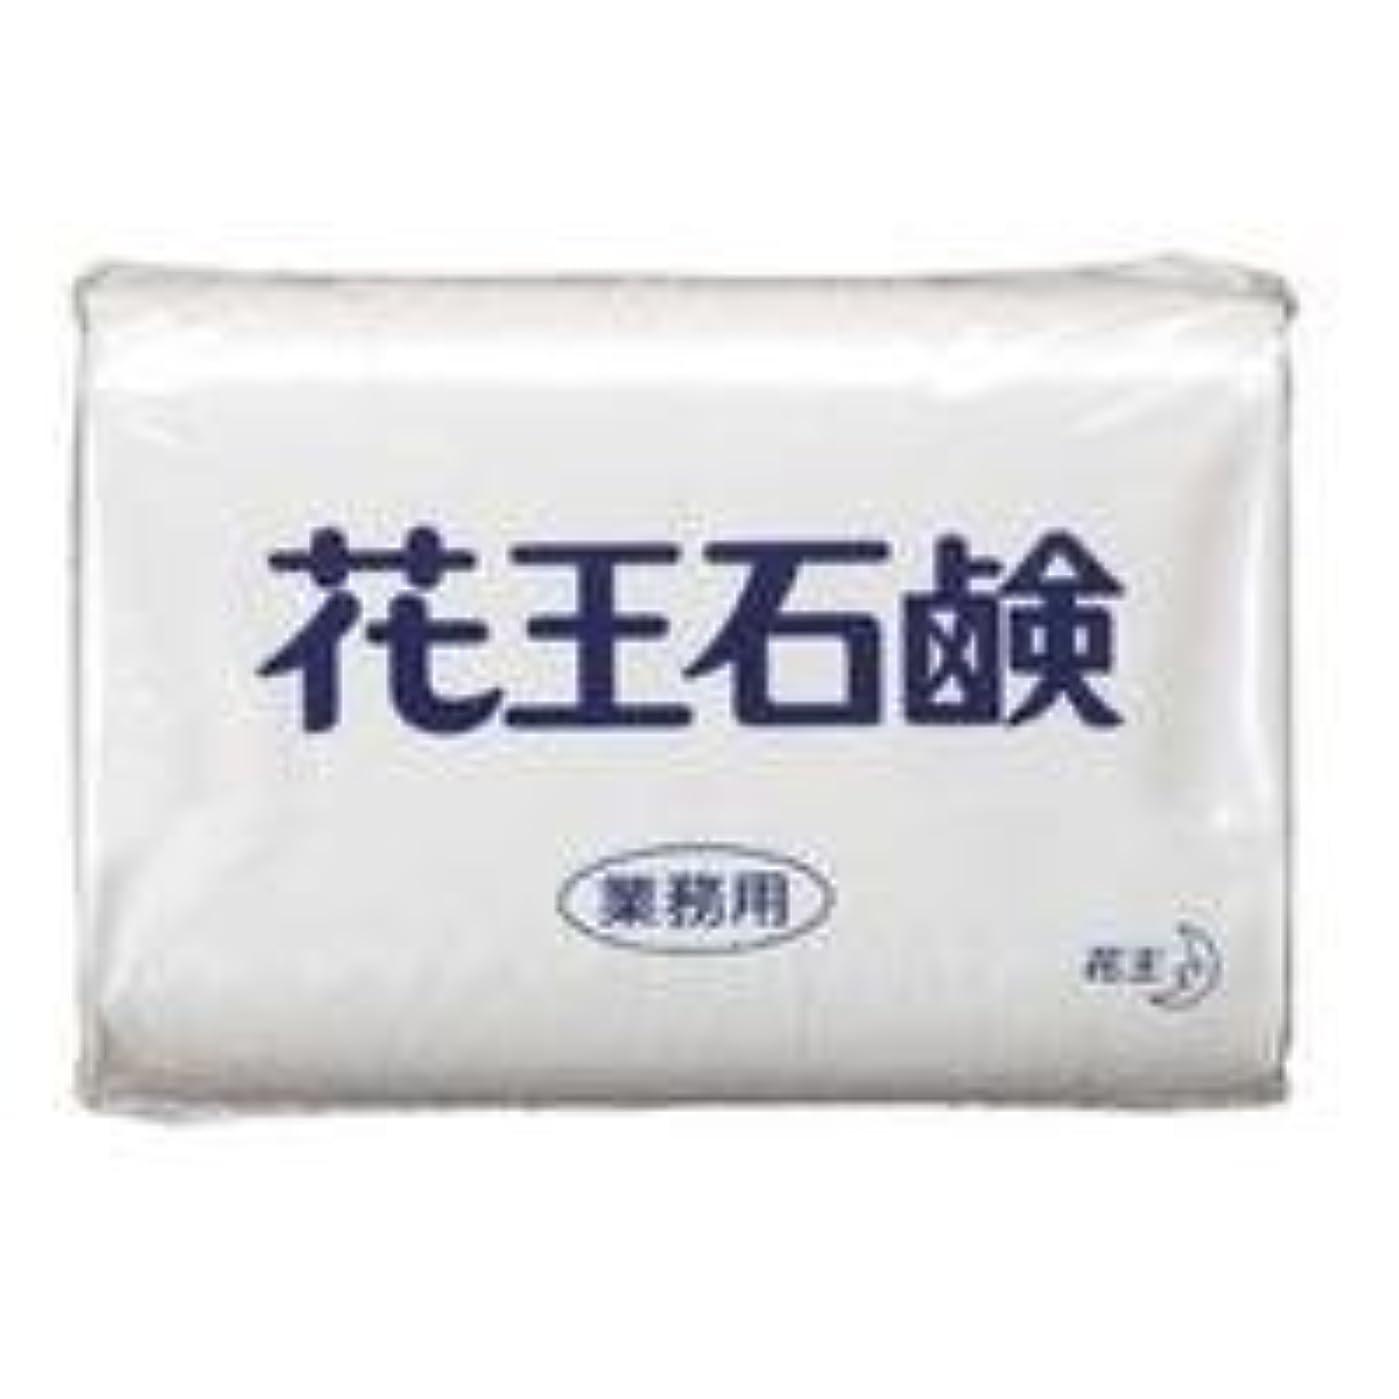 トンネル平衡ベーリング海峡業務用石鹸 85g 3個×40パック(120個入り)